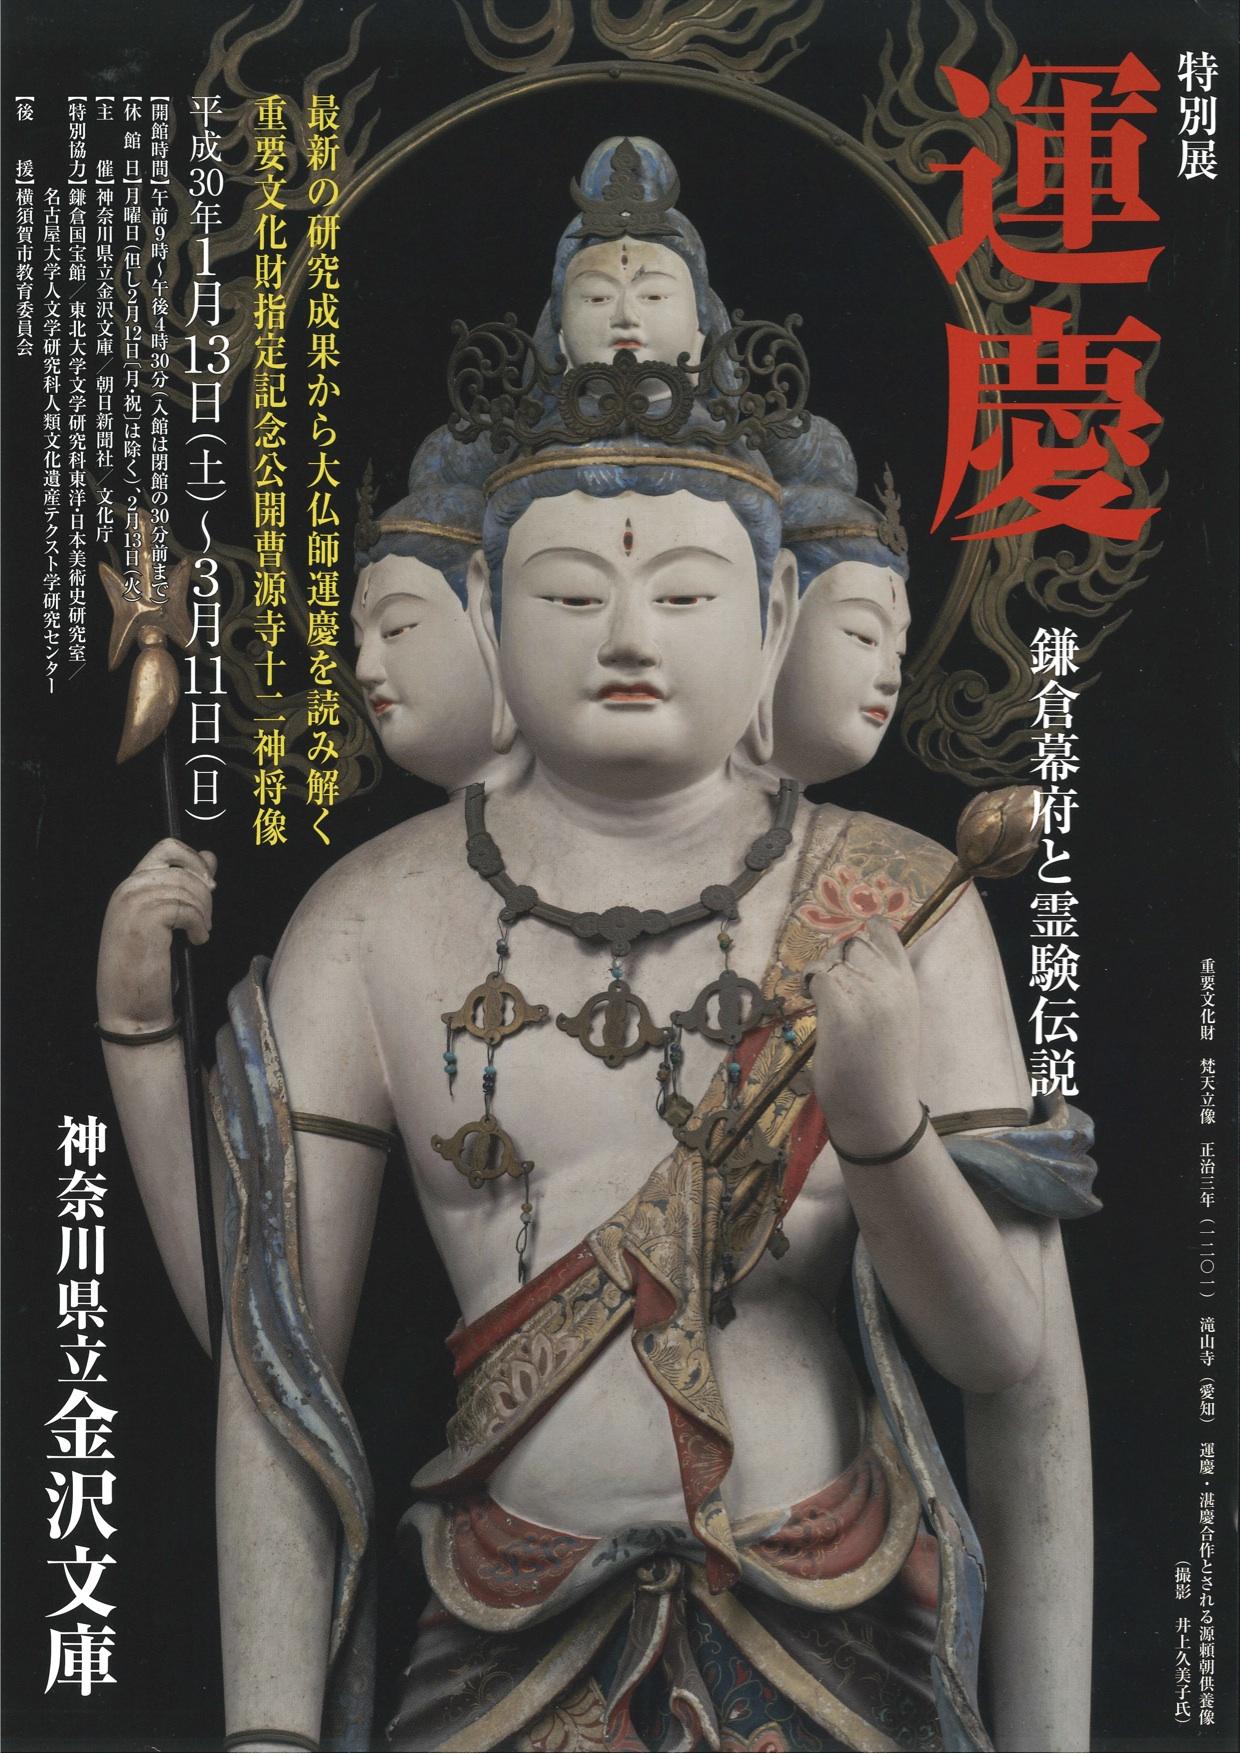 特別展「運慶―鎌倉幕府と霊験伝説―」